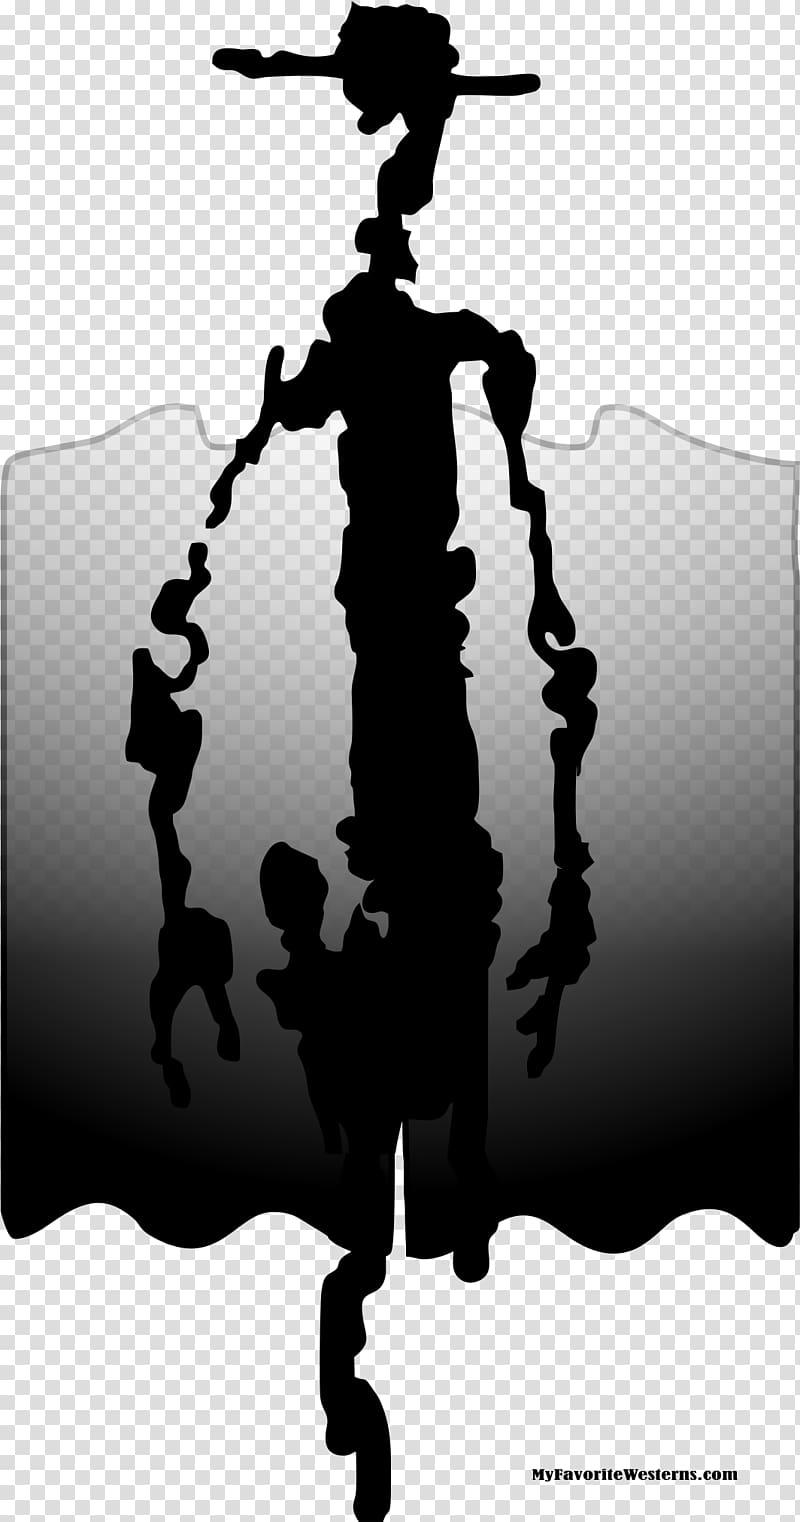 zorro western silhouette clive